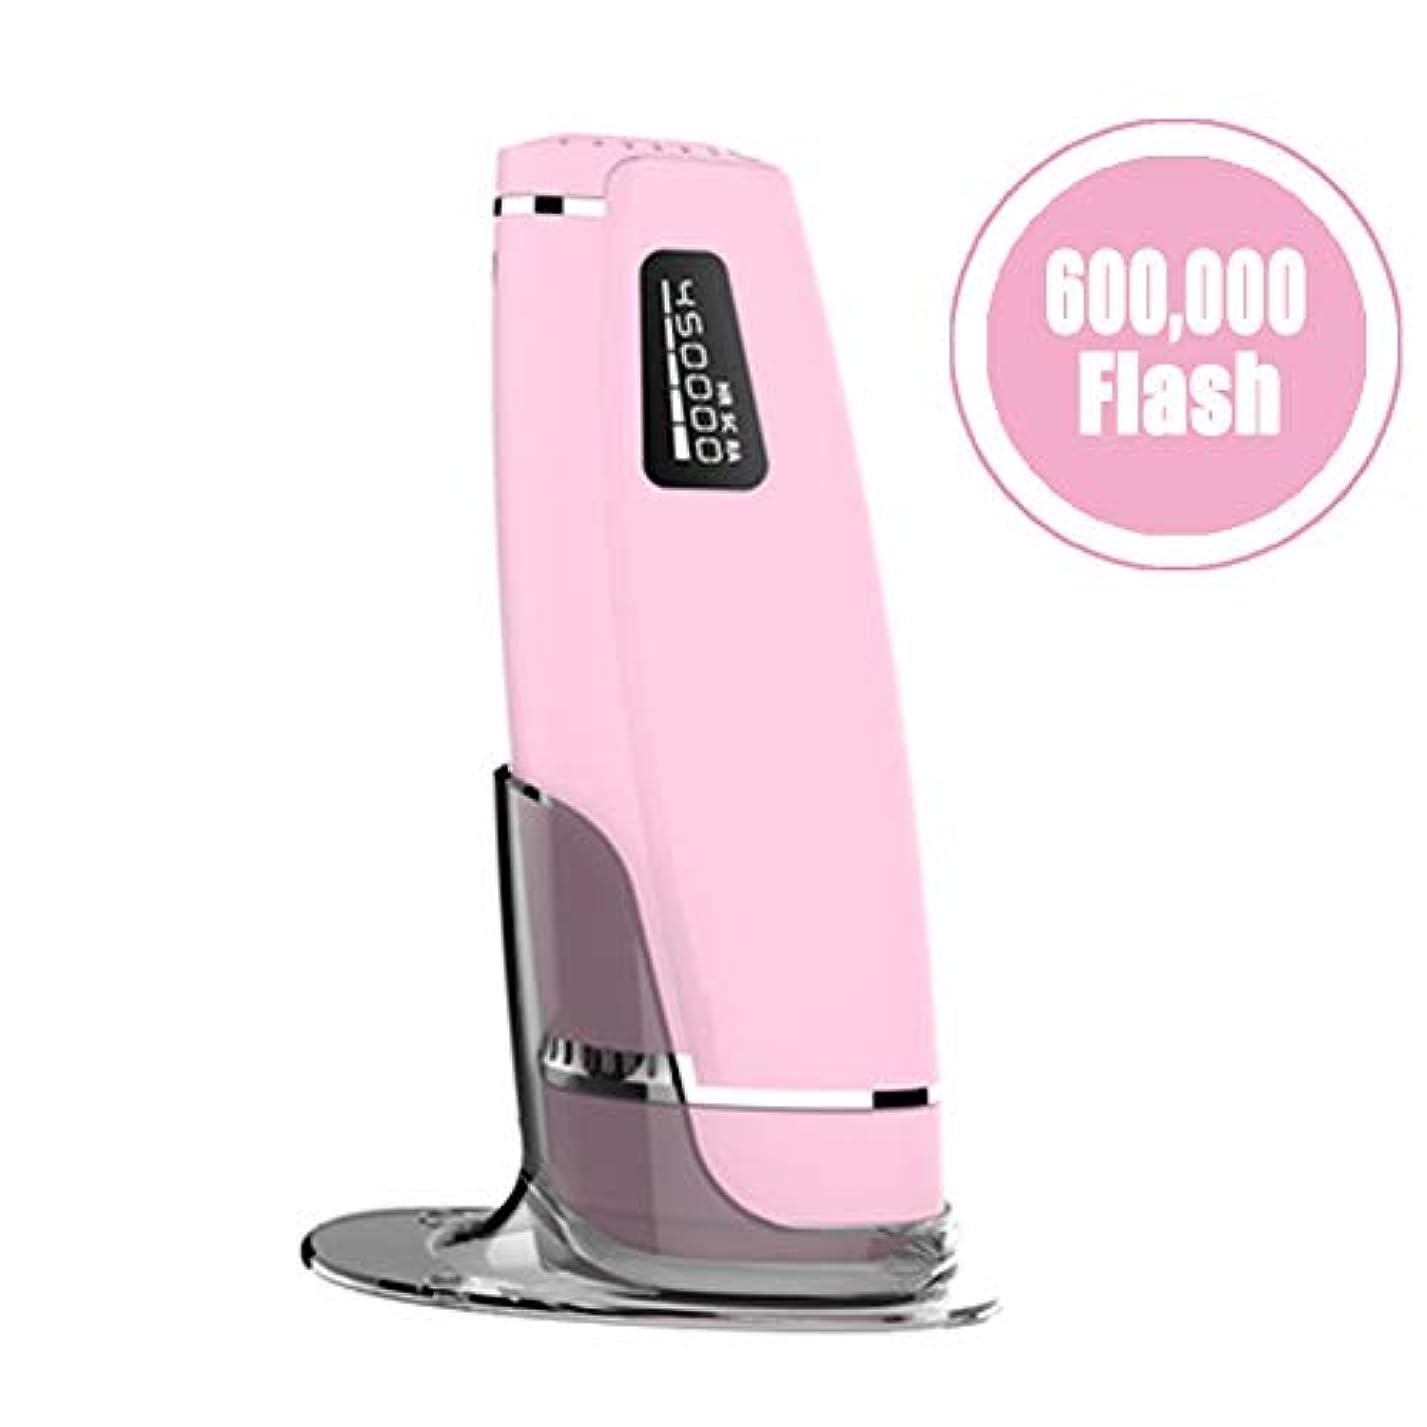 説得力のある和マーカーアップグレードIPLレーザー脱毛システムデバイス、60万回のフラッシュ無痛常設パルス光脱毛器にとってボディフェイス脇の下ビキニライン,Pink